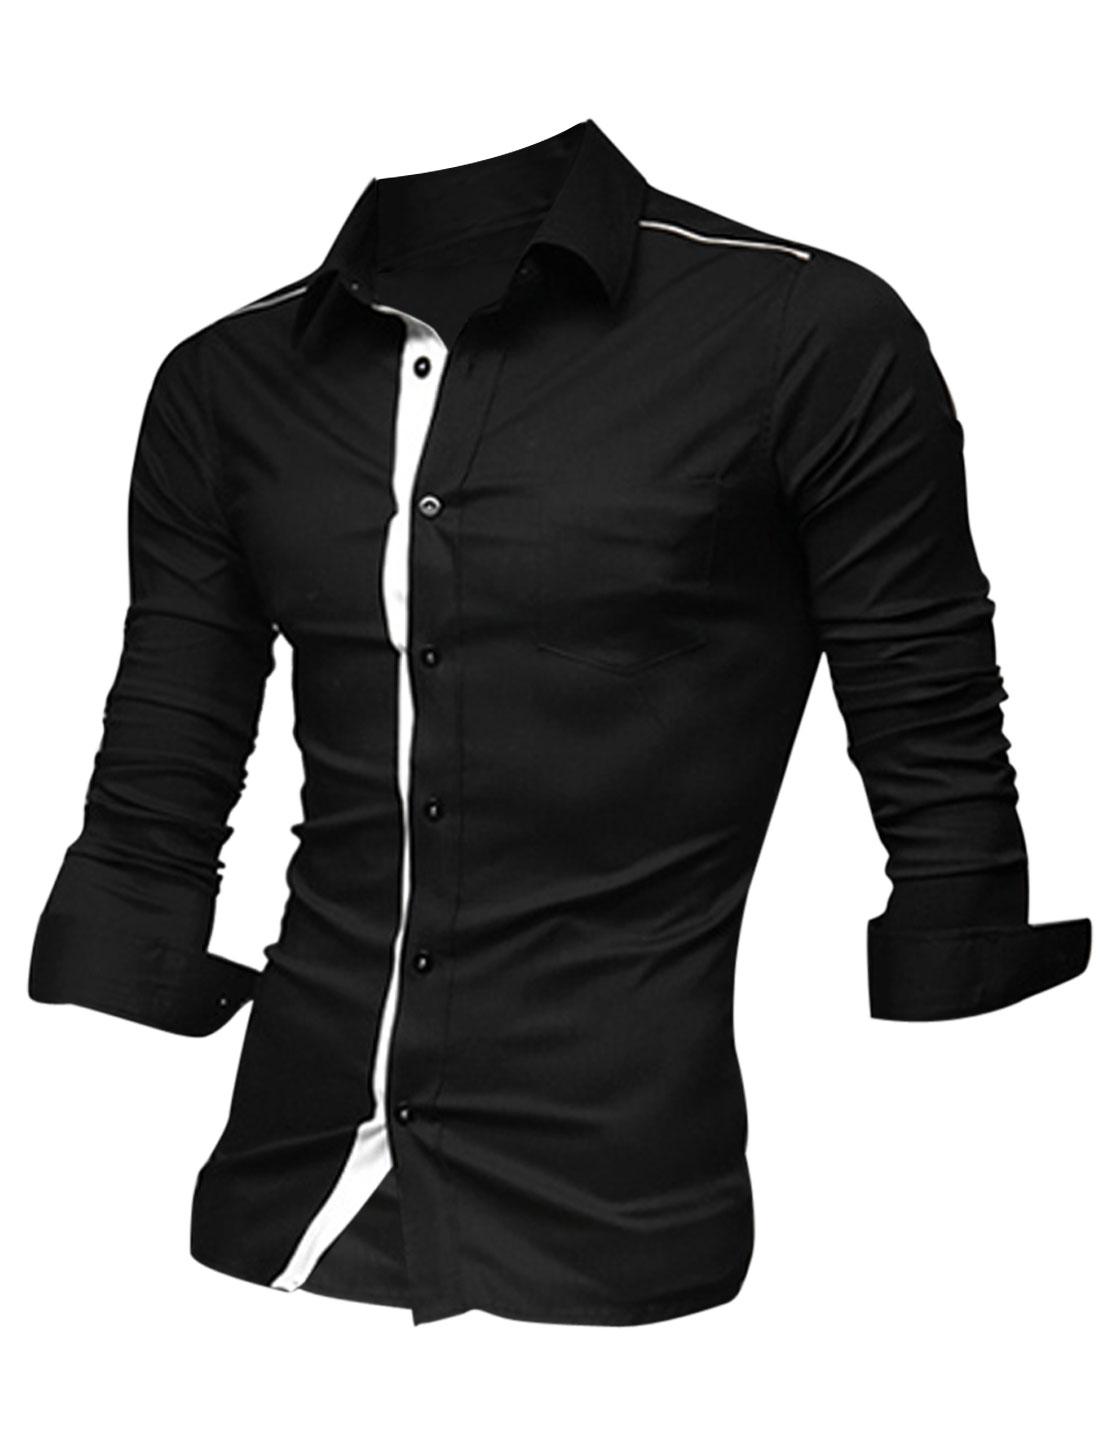 Men Button Closure One Chest Pocket Soft Shirt Black L